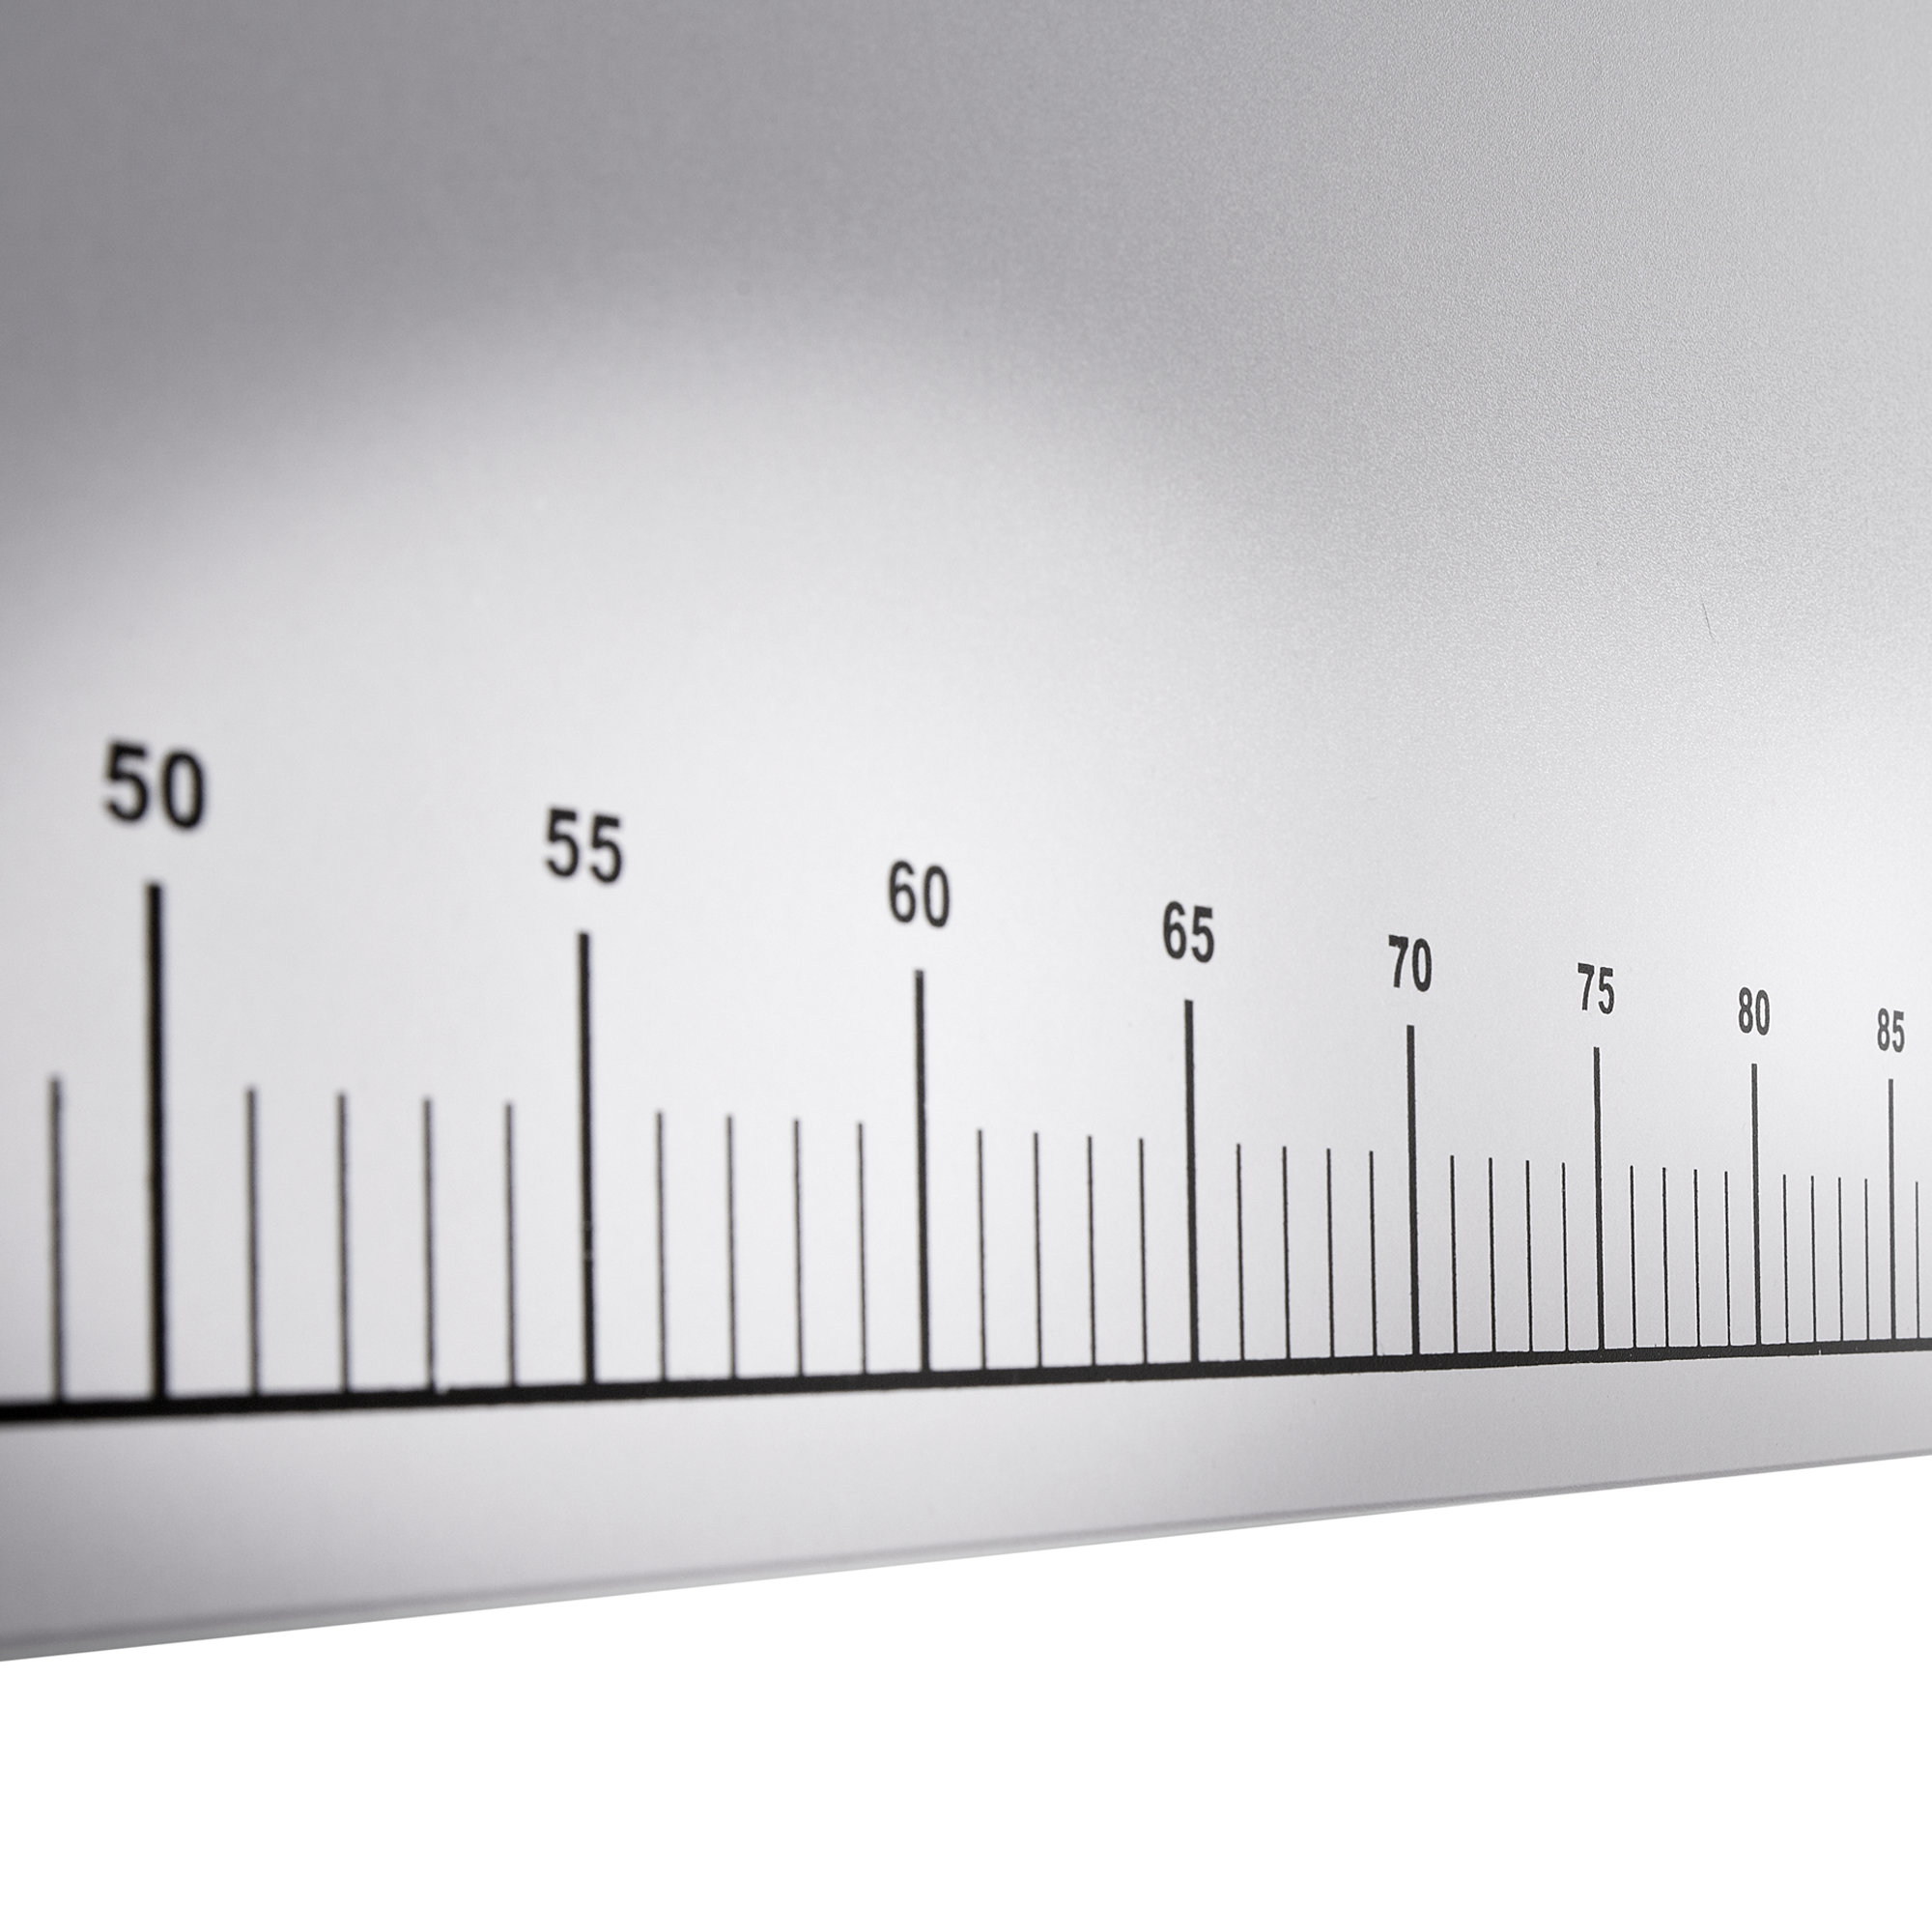 Tapeziertisch Toom tapeziertisch 298 x 60 x 80 cm ǀ toom baumarkt